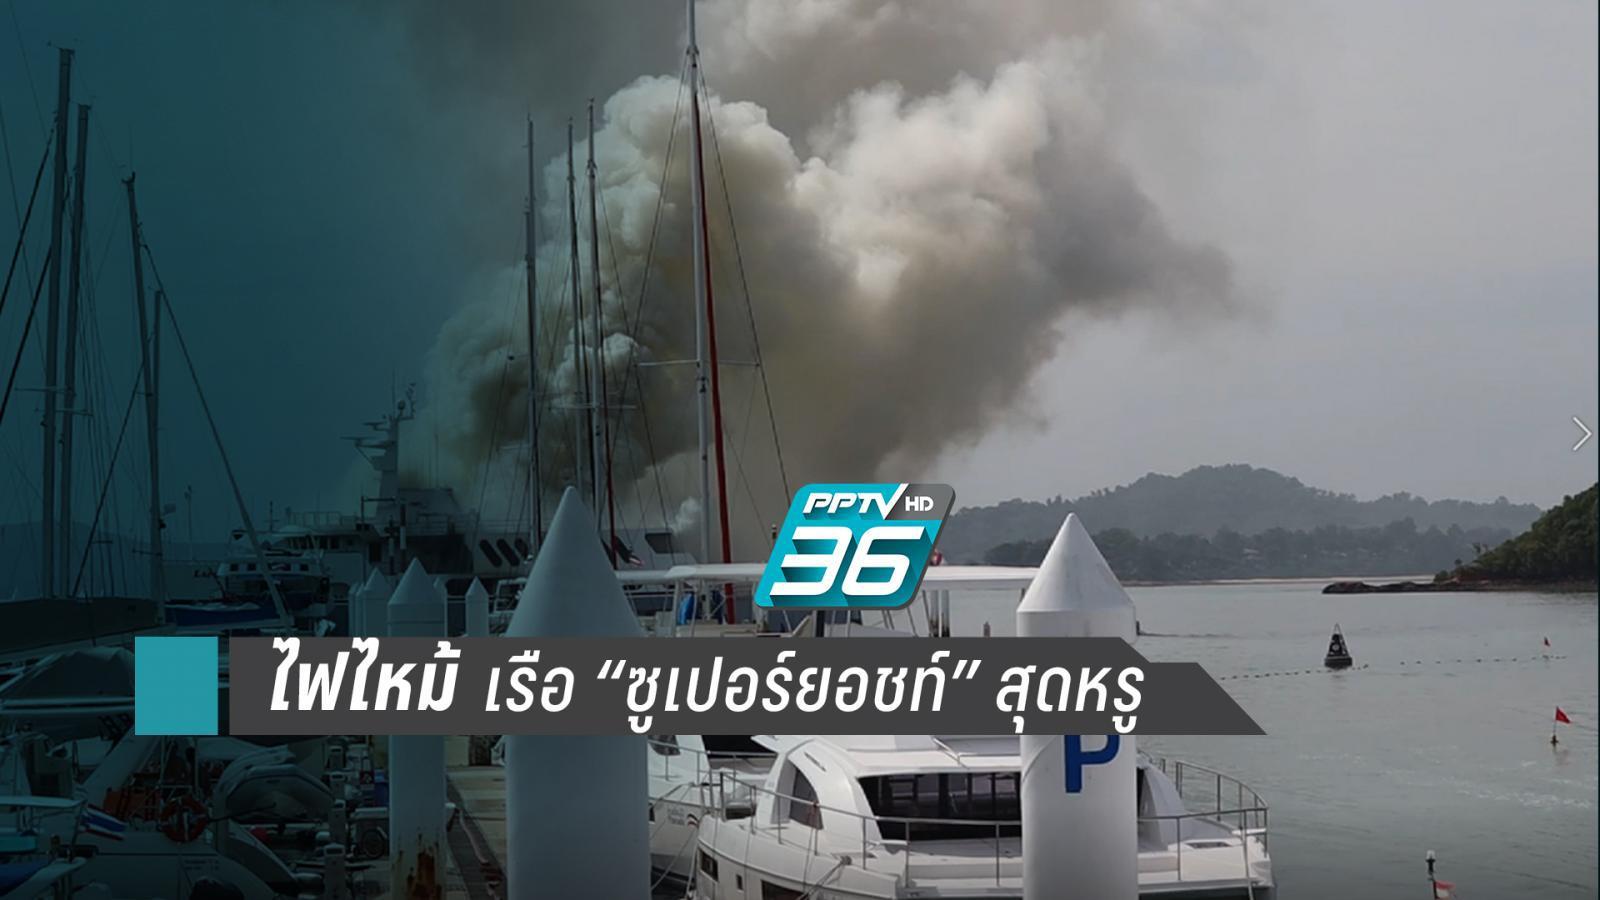 ไฟไหม้เรือซูเปอร์ยอชท์สุดหรู  ผู้ว่าฯภูเก็ต ลงบัญชาเหตุการณ์เอง